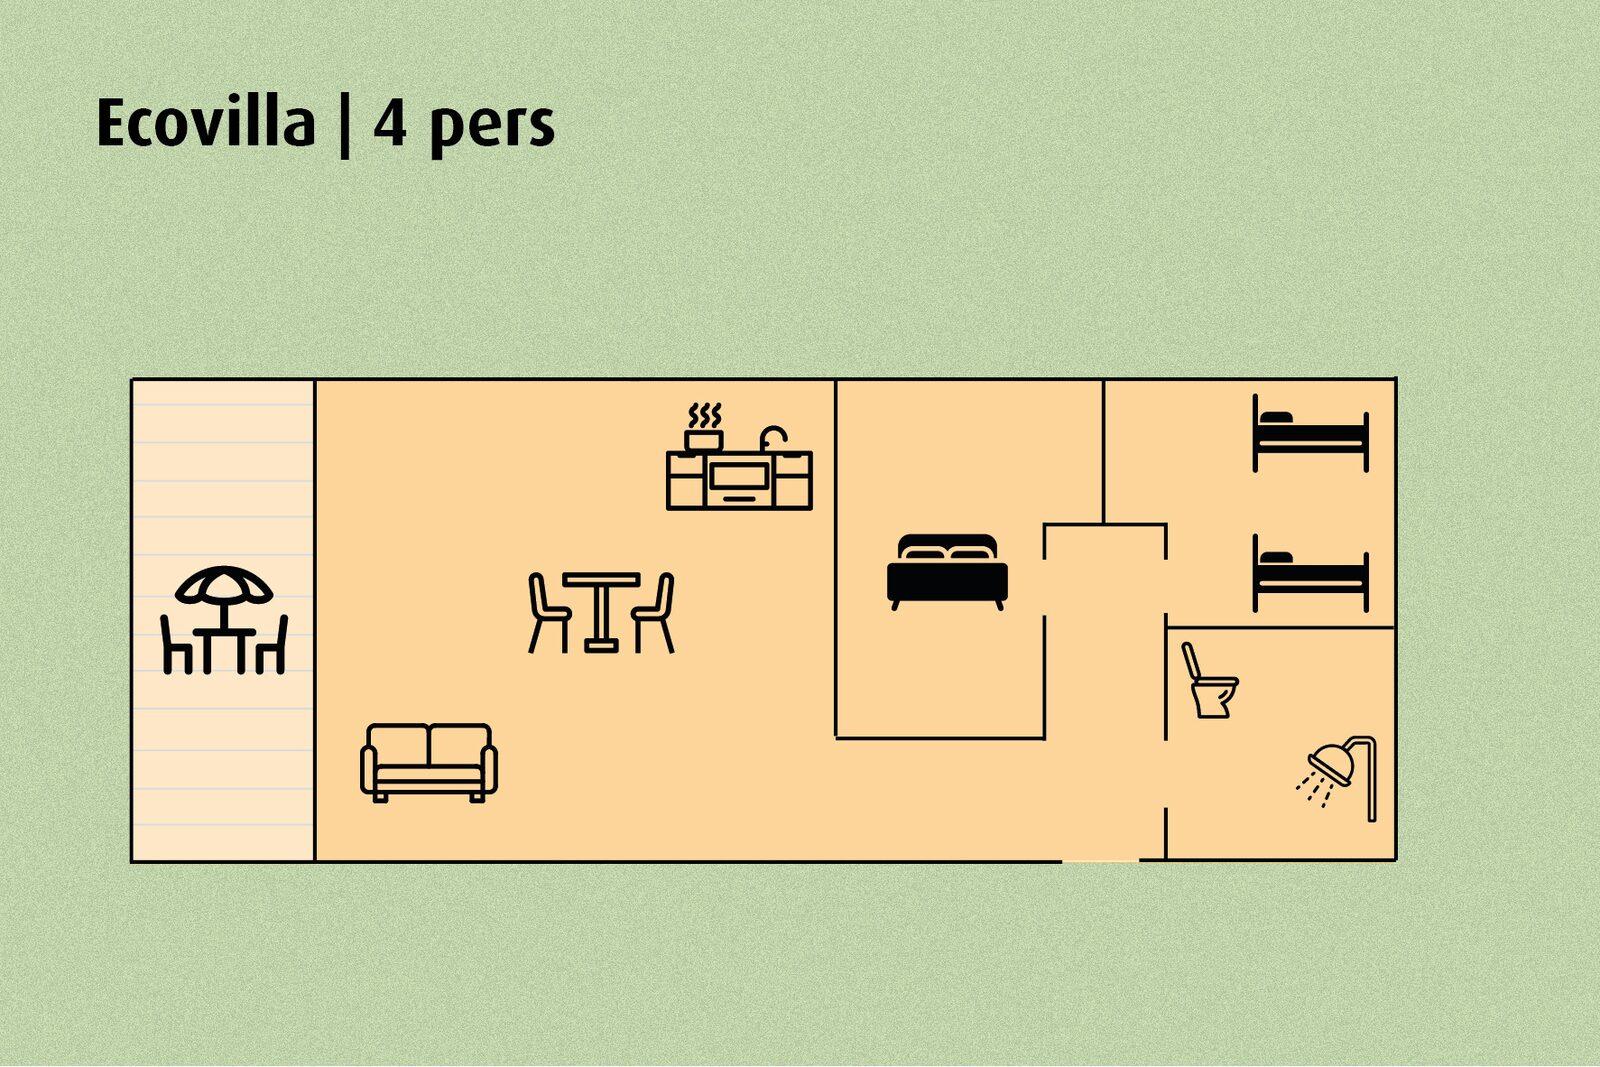 Ecovilla | 4 pers.